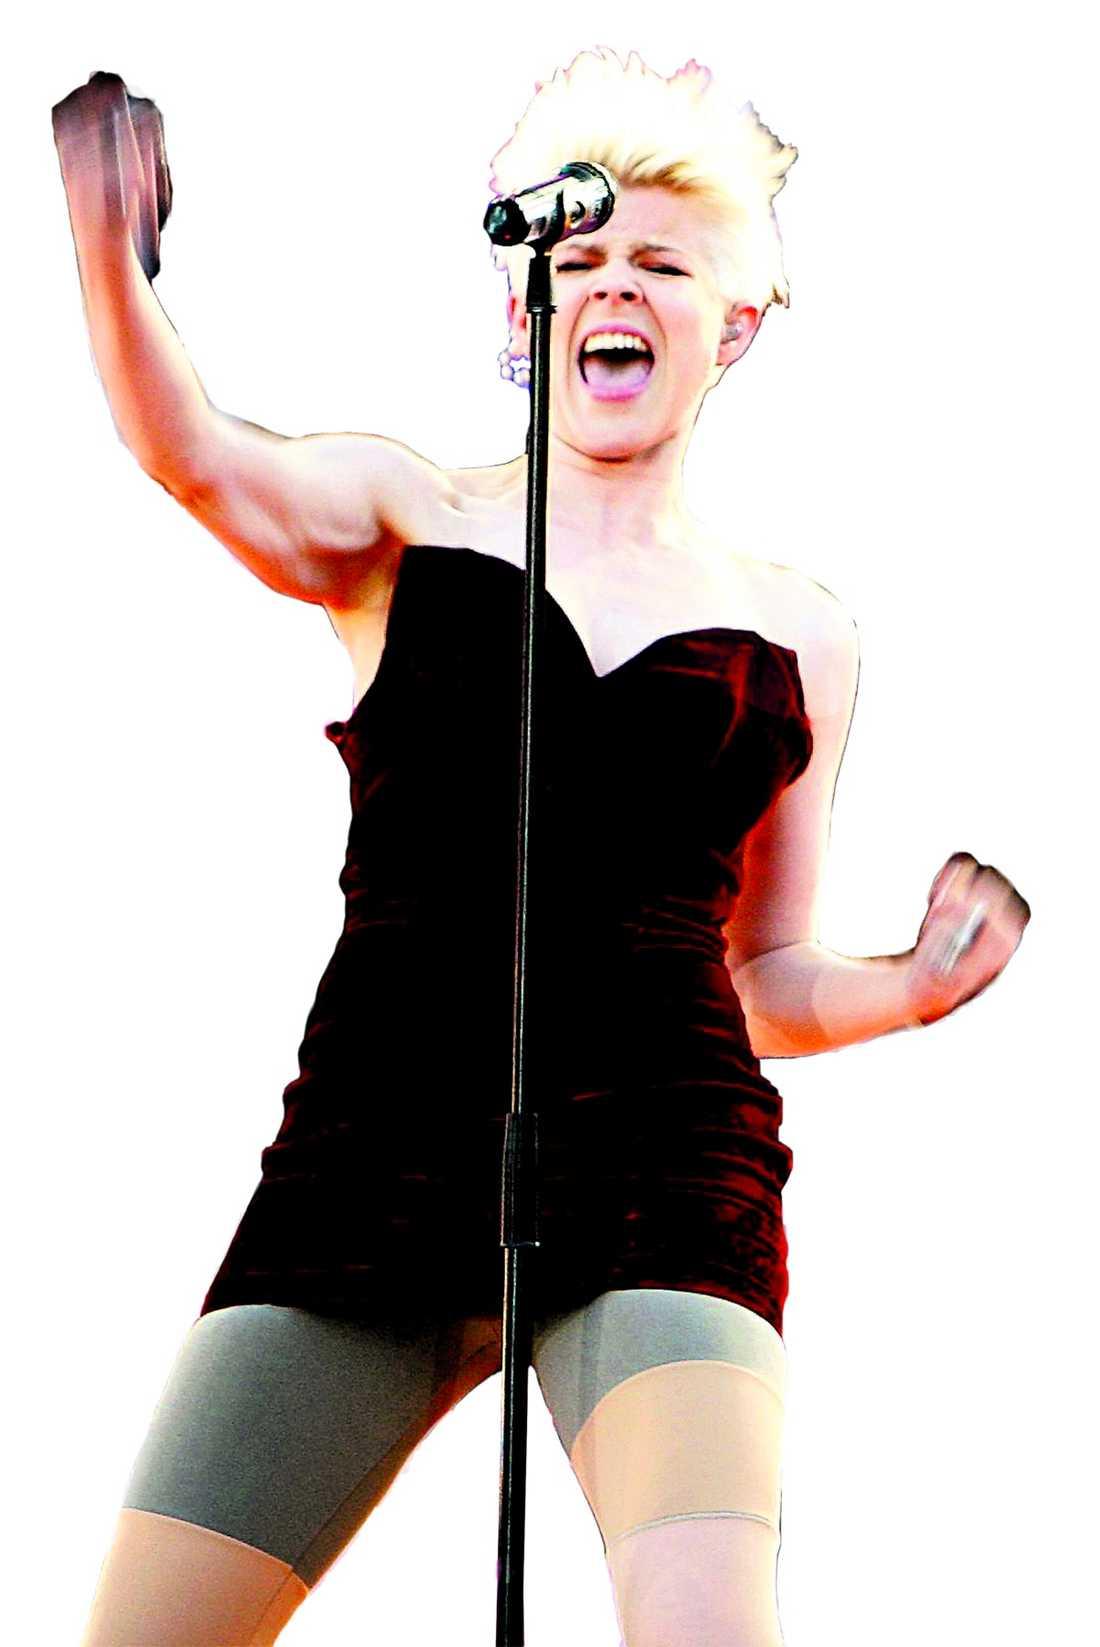 """Robyn: Råroligt Robyn är en av artisterna som du kan se i Aftonbladets nya """"Livelöpet"""", ett banbrytande sätt att se musik live. Det som är unikt med Livelöpet är att publiken kan interagera med varandra – och med artisten. """"Jag ser verkligen fram emot Livelöpet"""", säger stjärnan."""